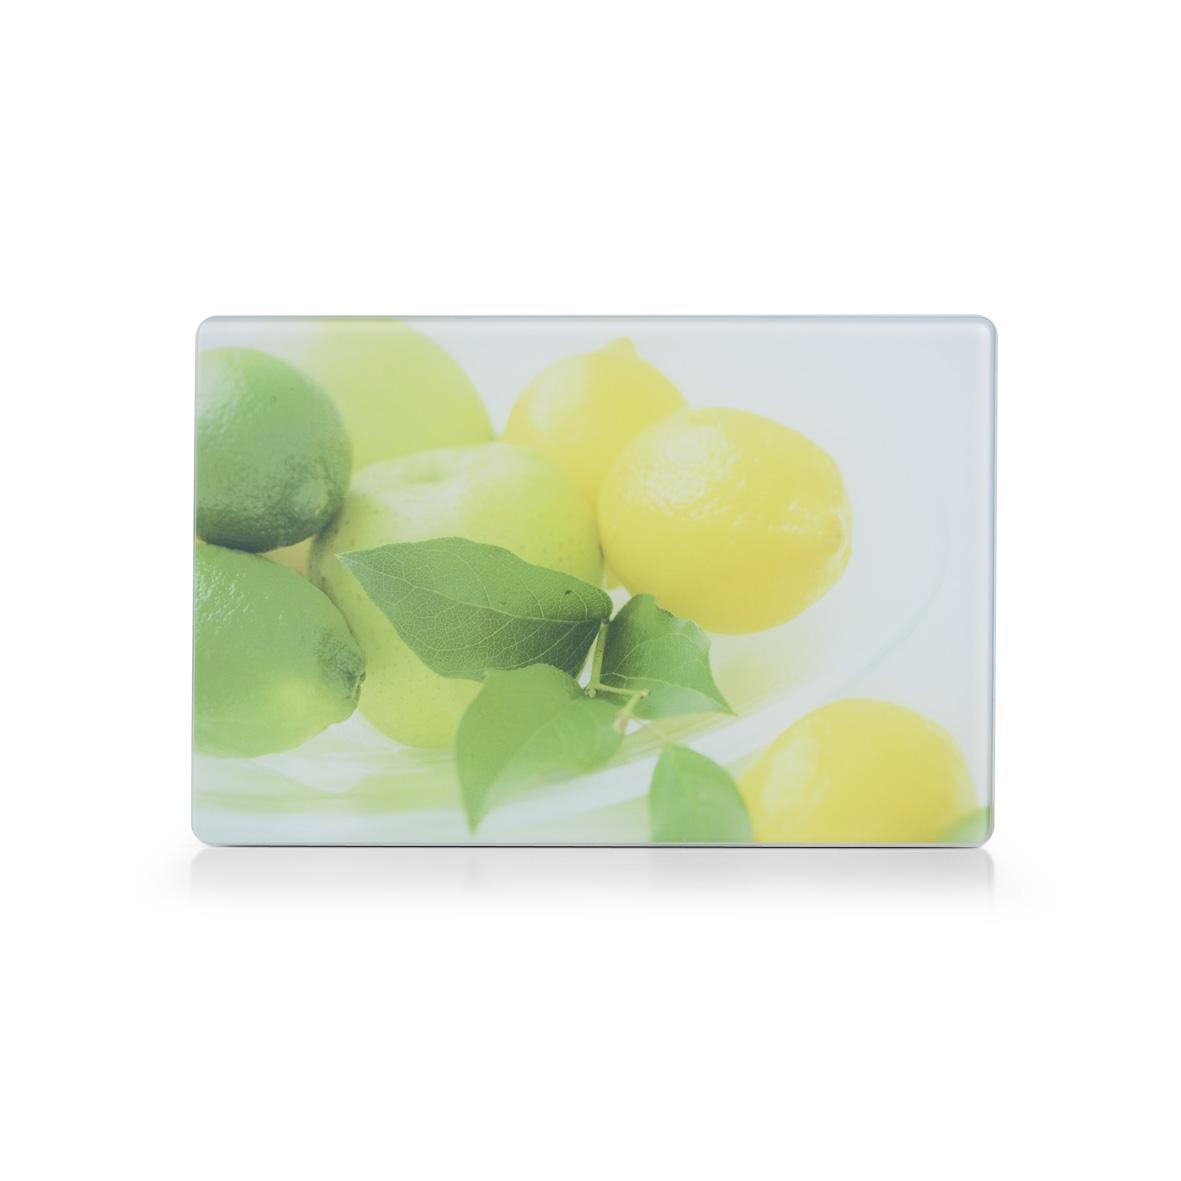 """Доска разделочная Zeller """"Лимоны"""", стеклянная, 30 х 20 см"""